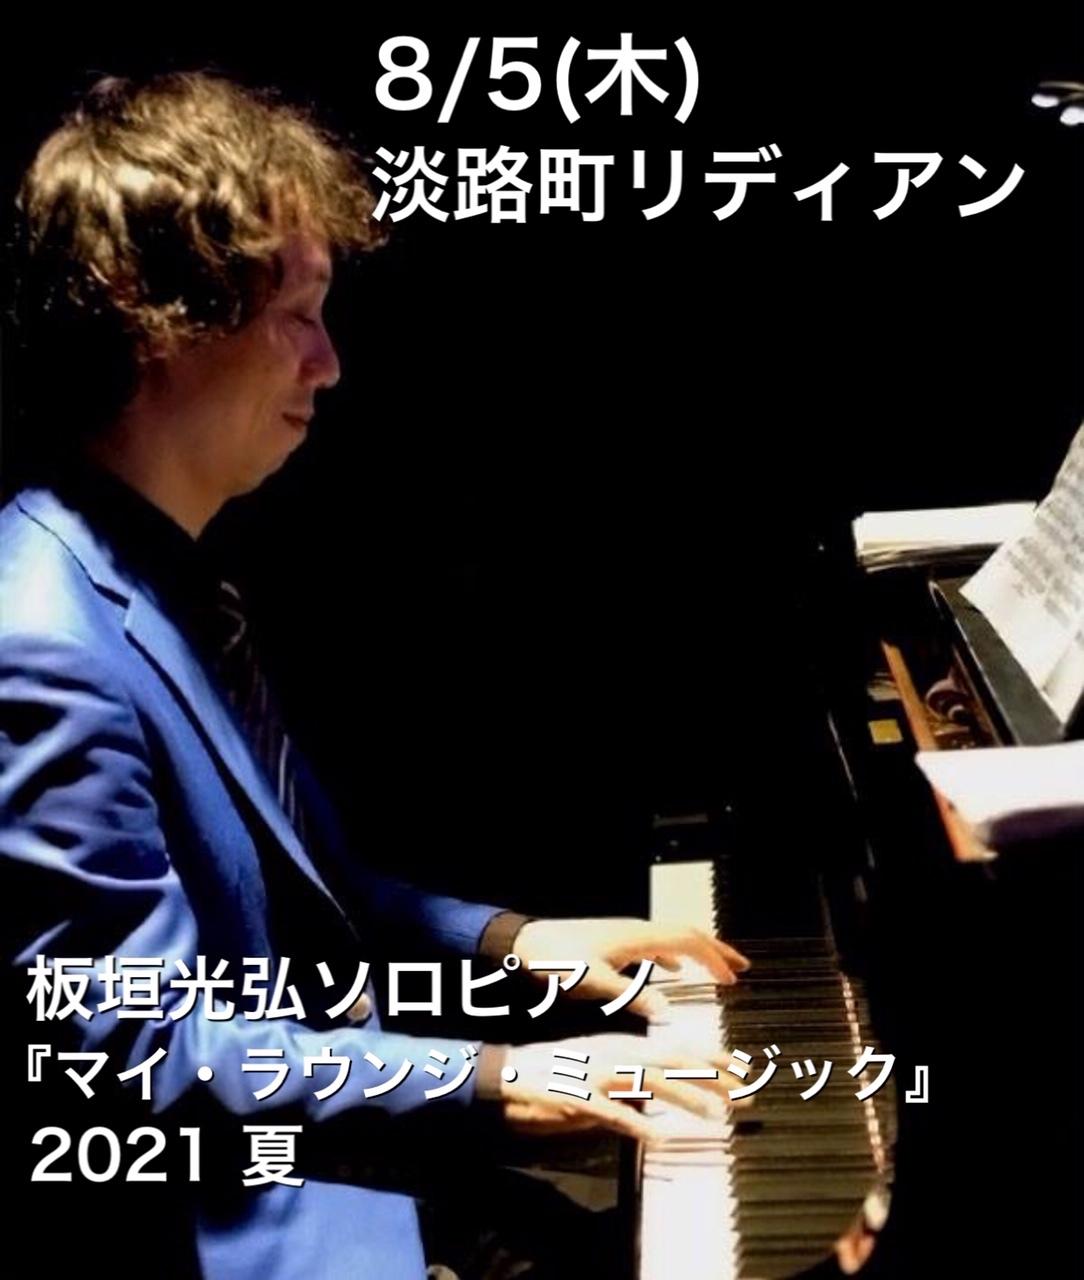 Pianoいたがき夏ジャズフェス~第一弾!8/5(木)ソロピアノ_d0003502_21464491.jpg